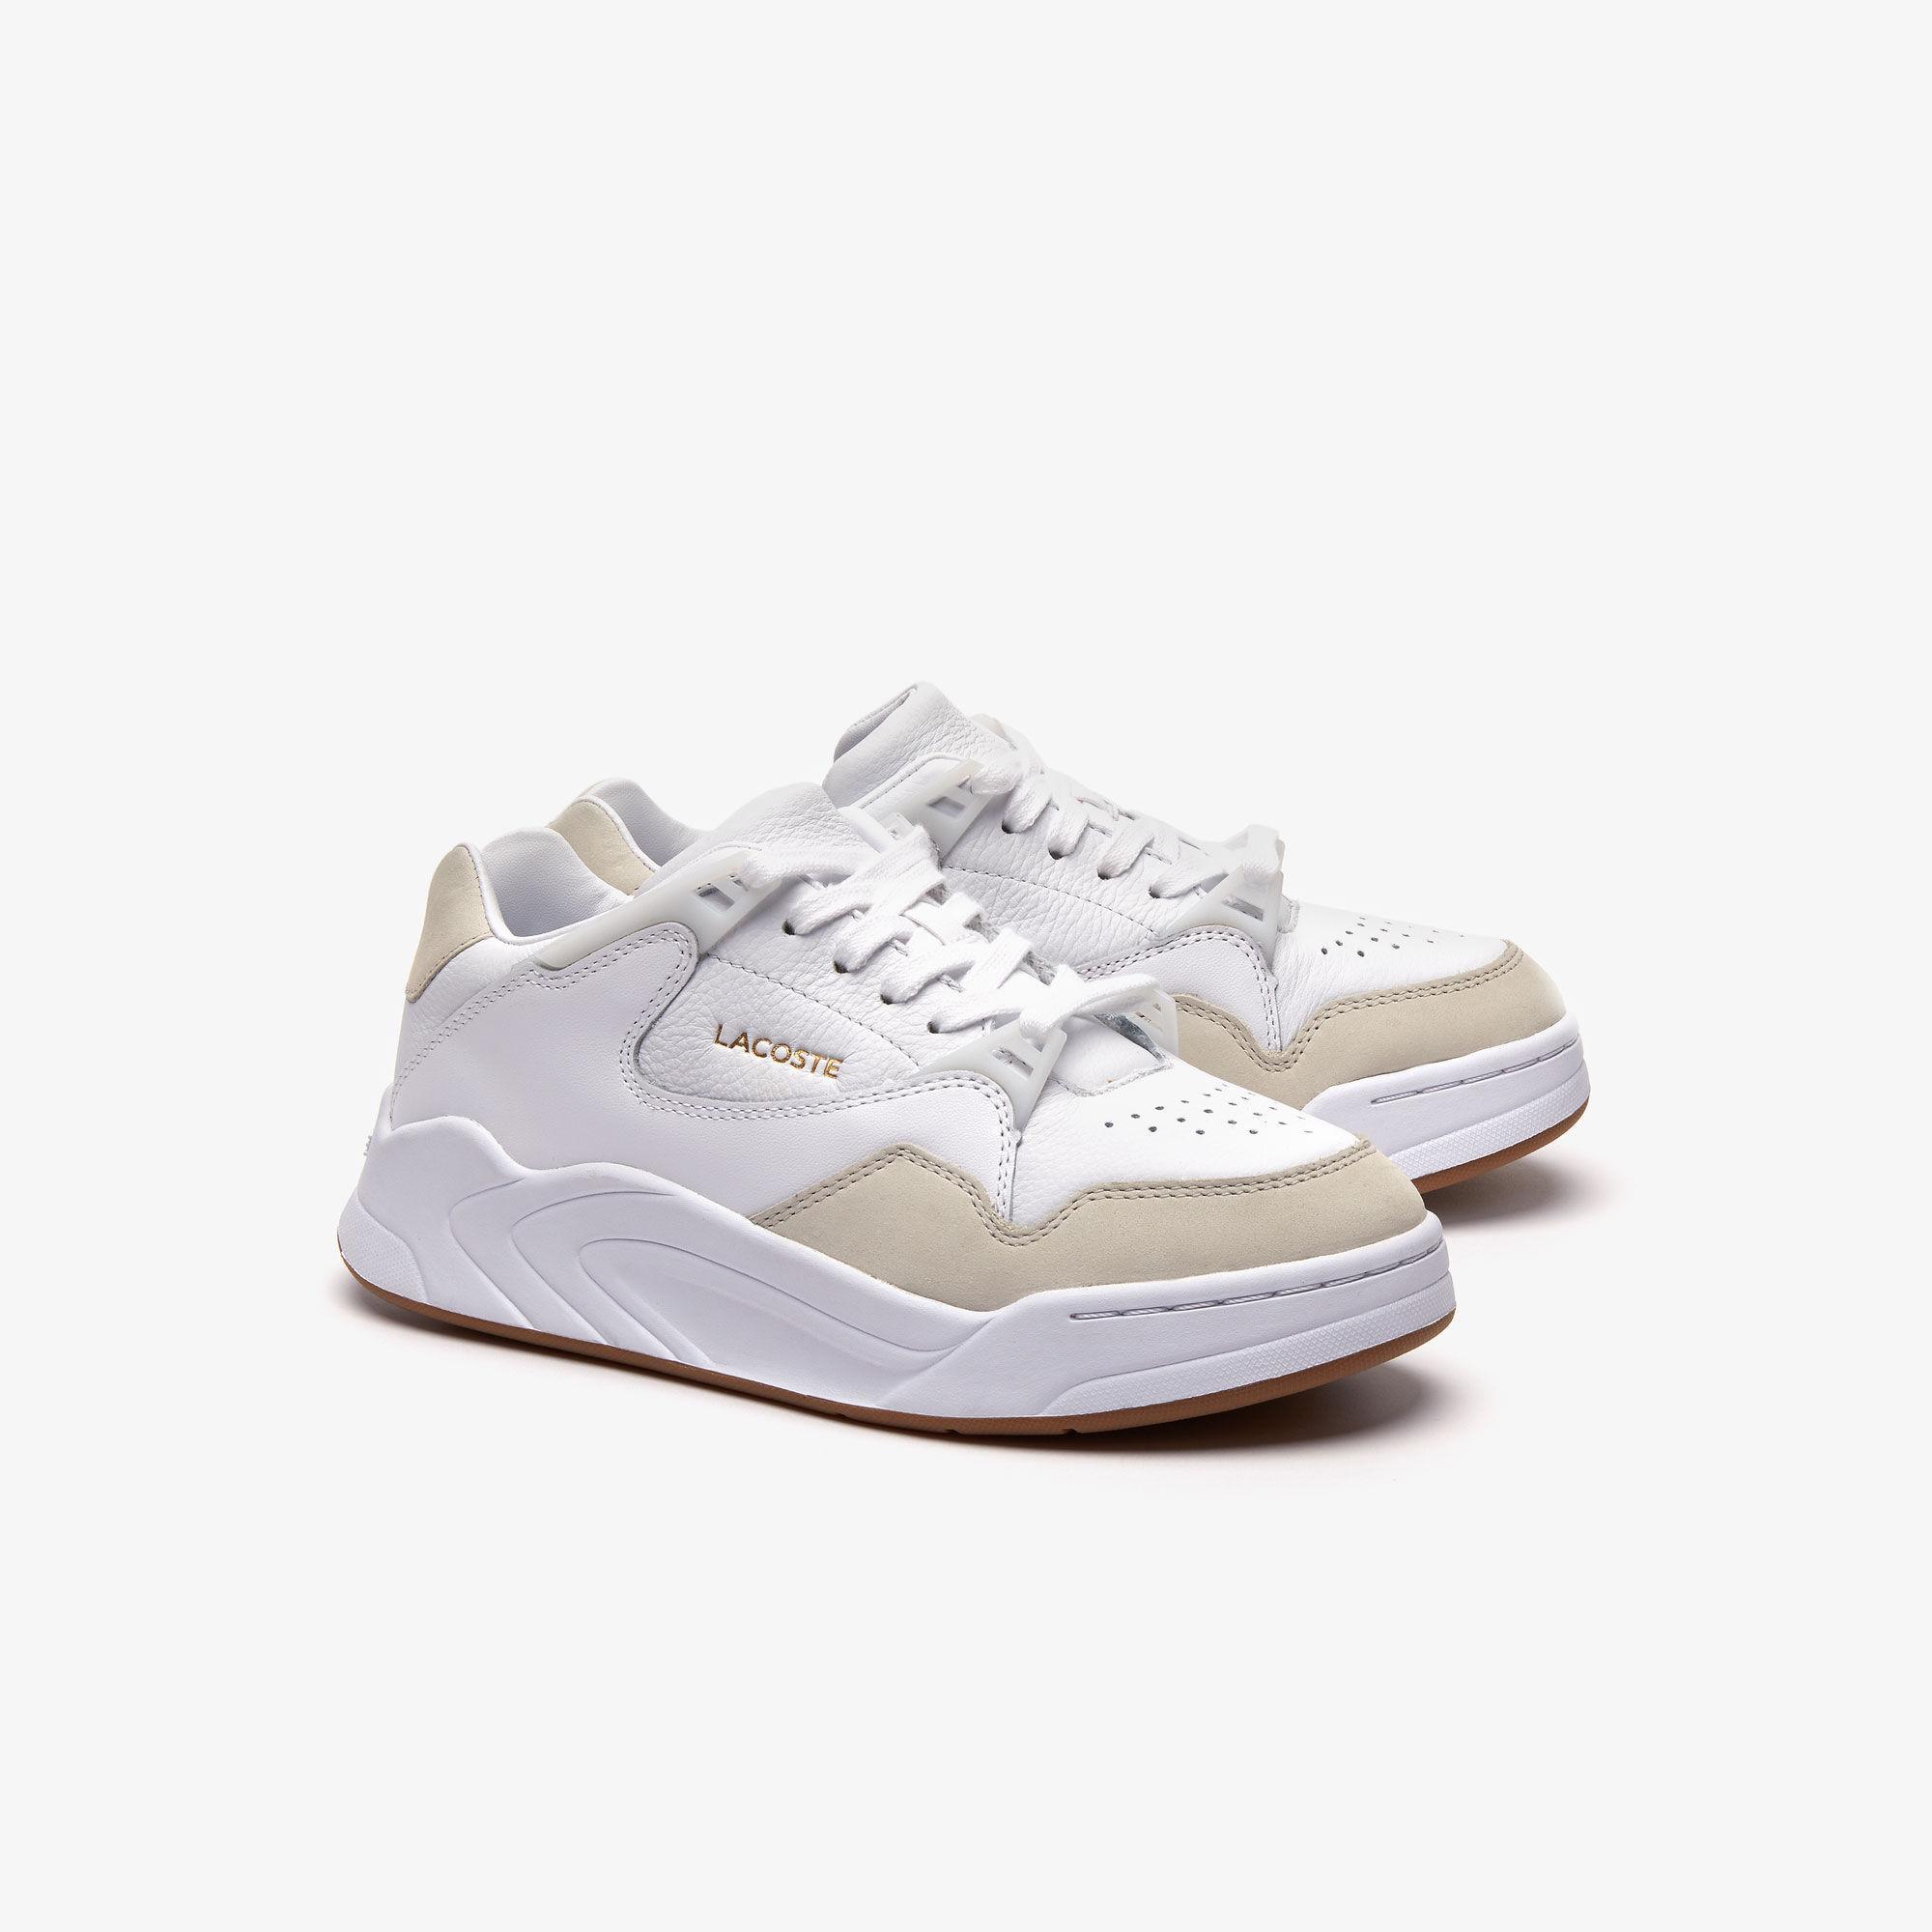 Lacoste Court Slam 319 1 Sfa Kadın Beyaz - Bej Sneaker